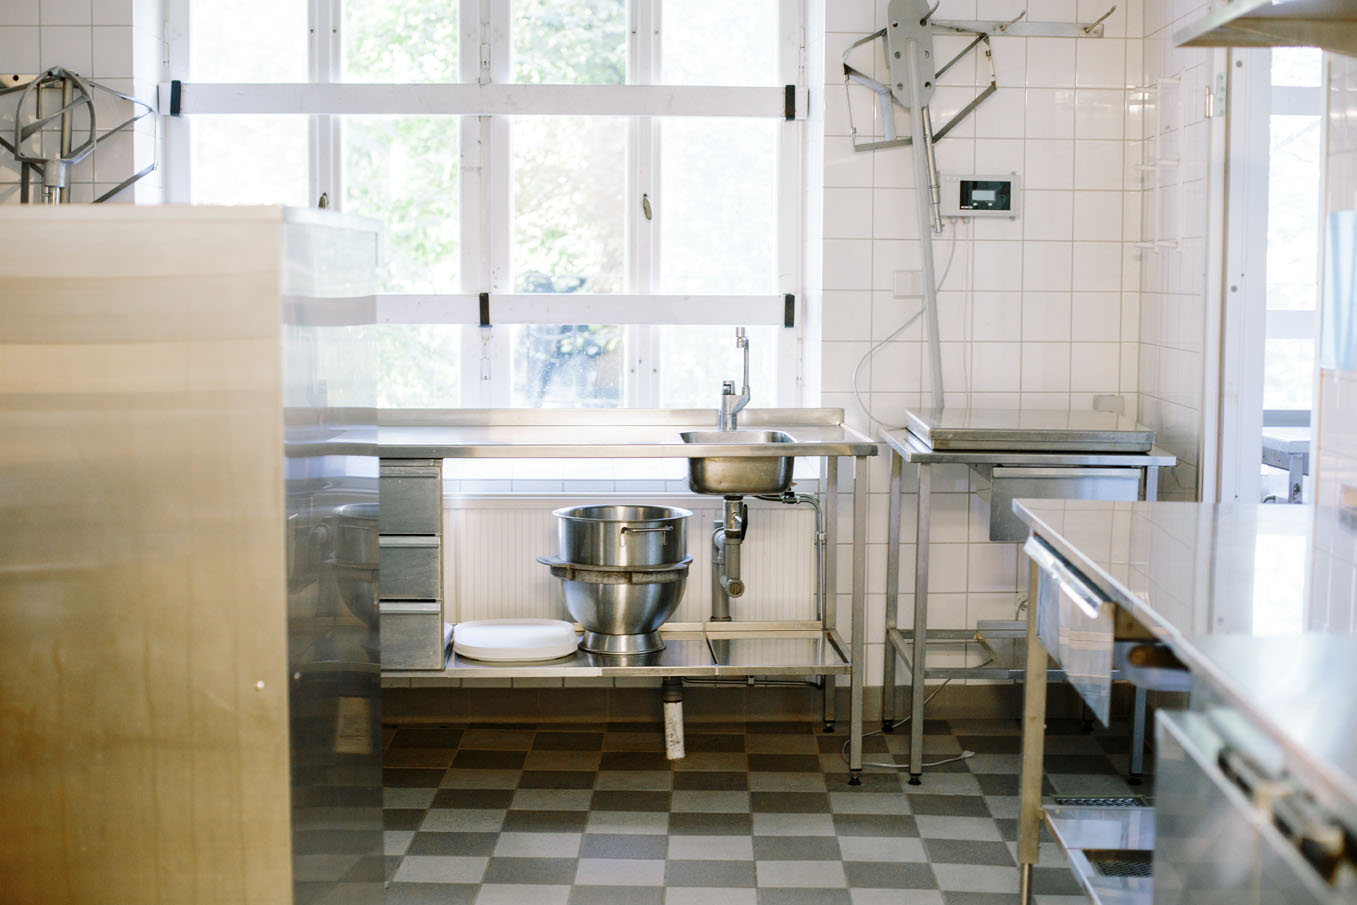 Köket används nu fem-sex gånger per år. Foto: Marie Lissdaniels